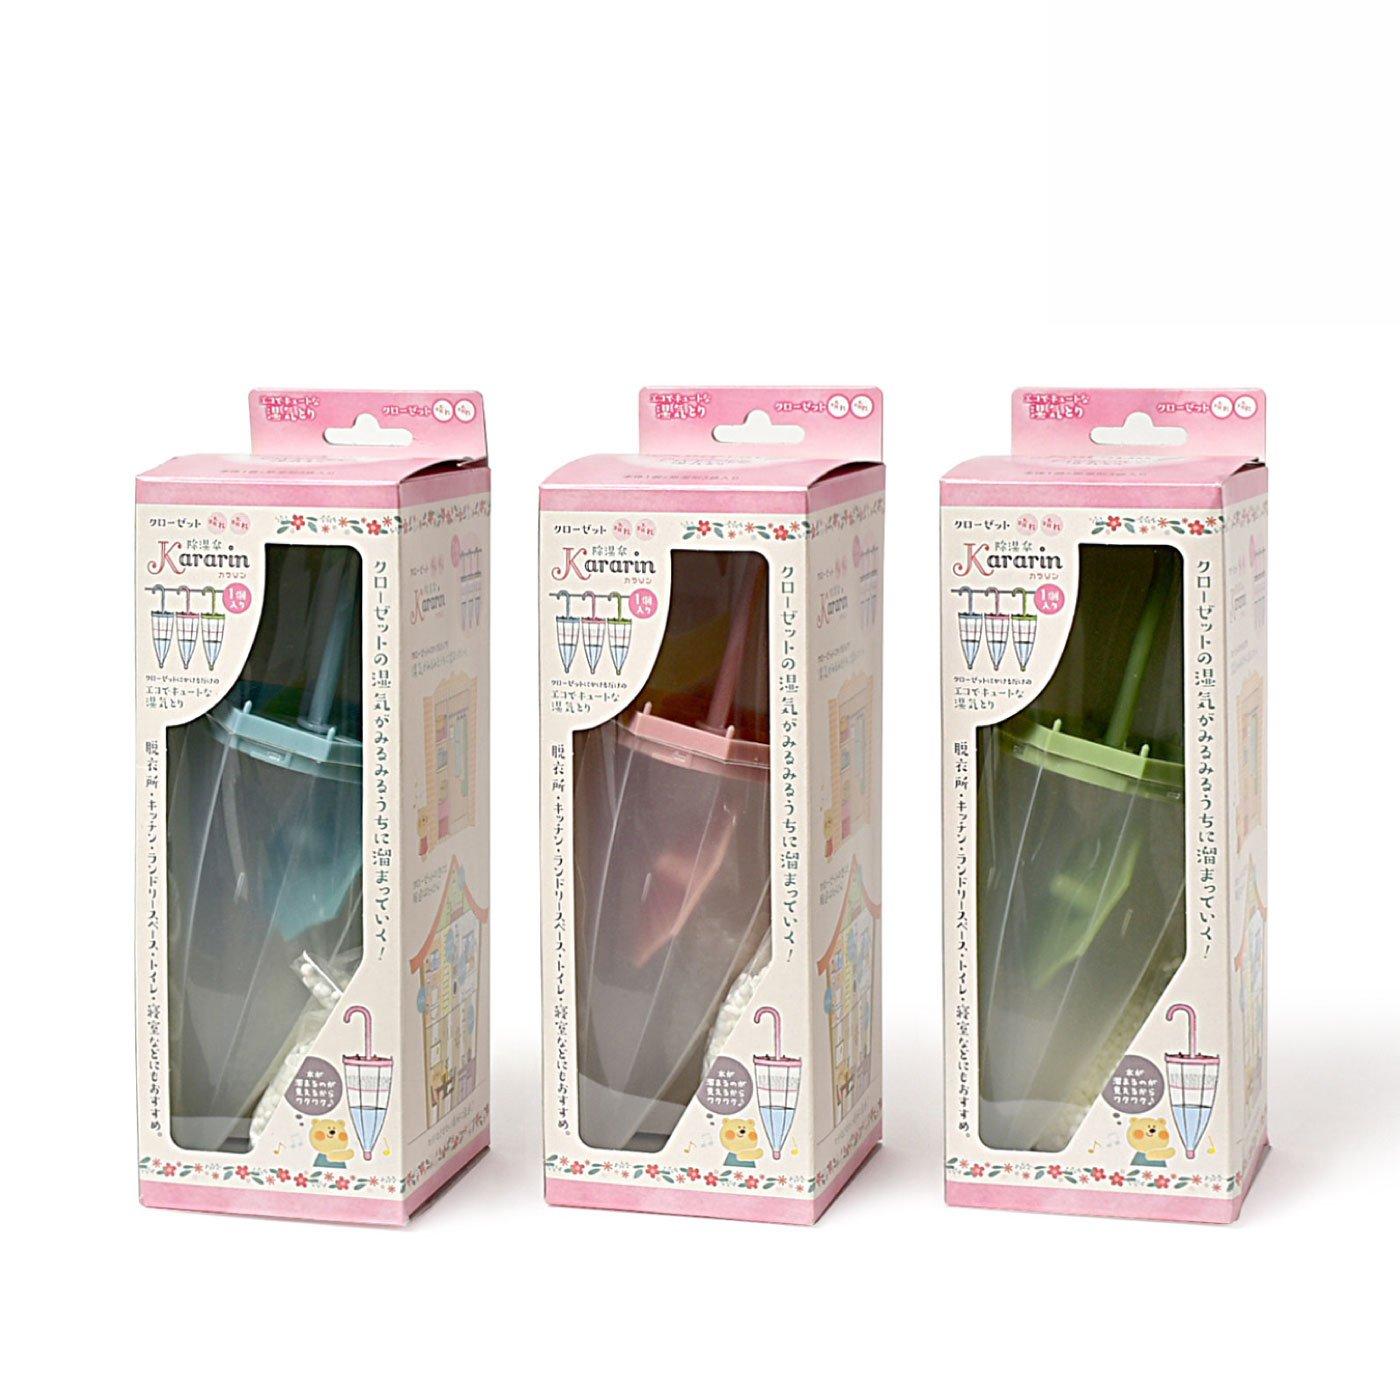 クローゼットの湿気対策 カラリン除湿傘 3色セット(ピンク・ブルー・グリーン)